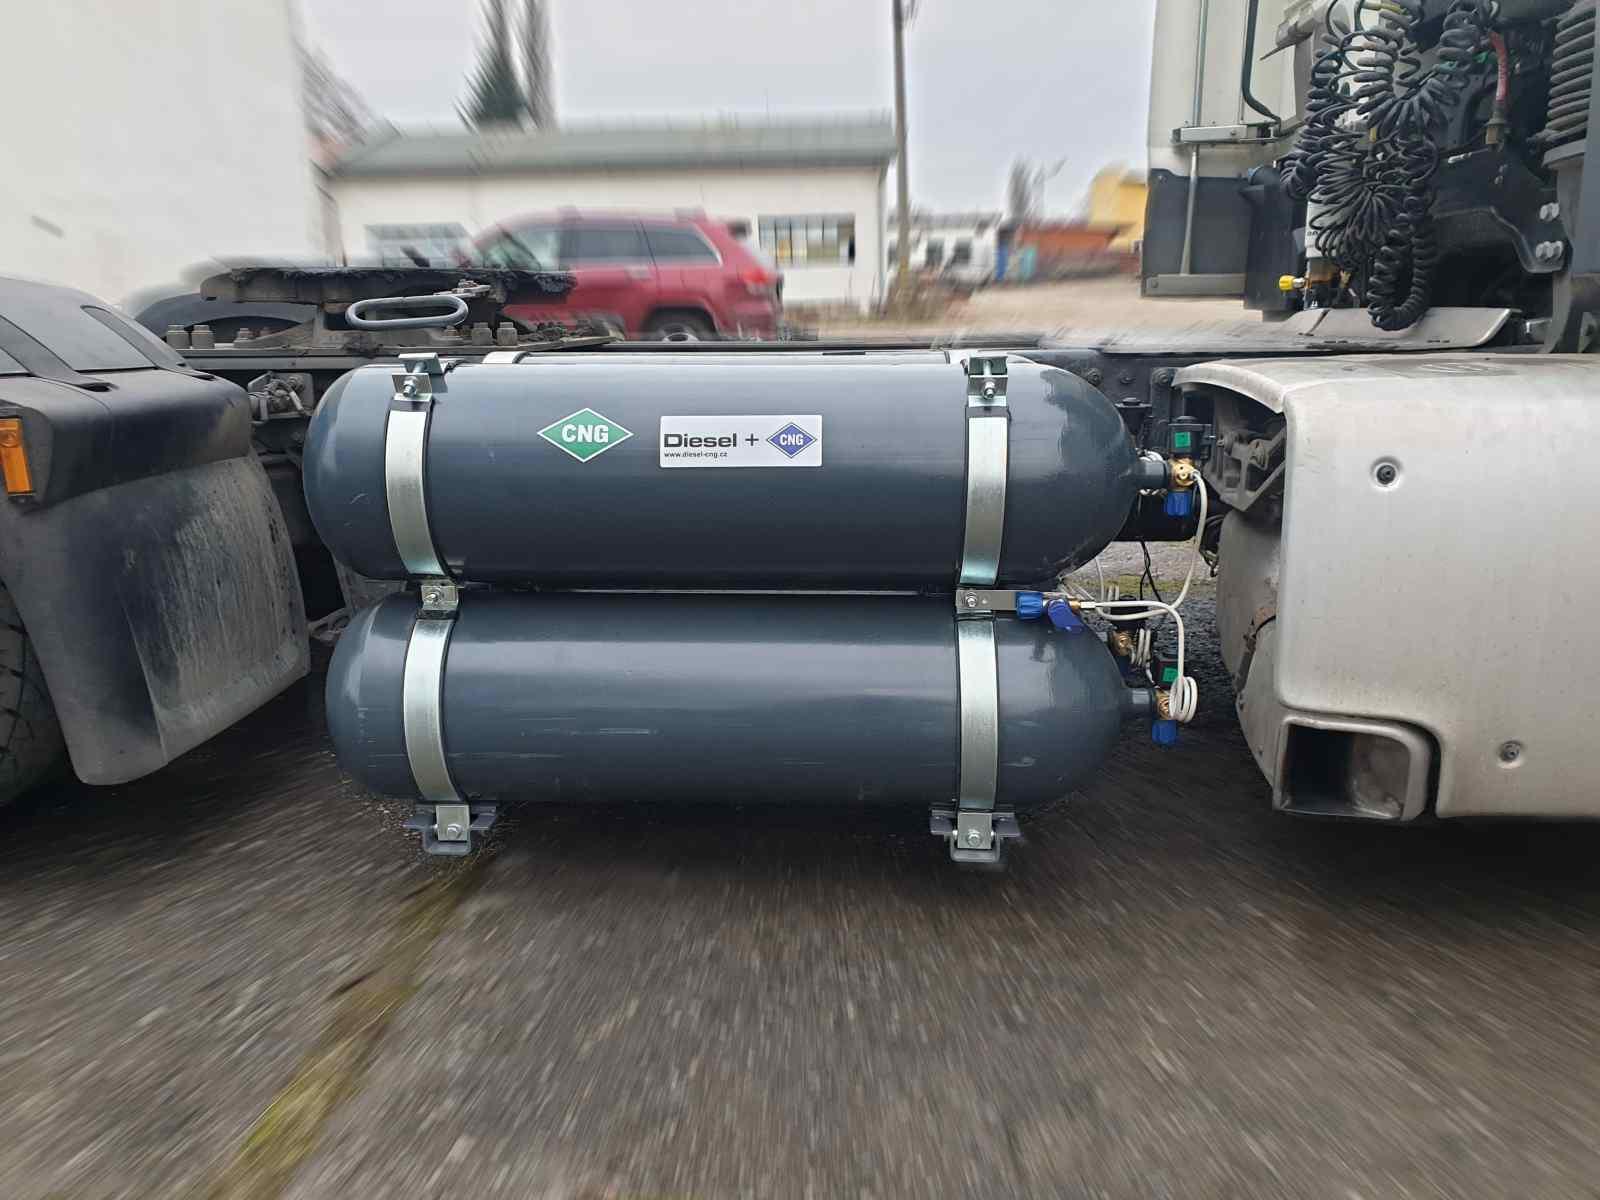 DAF 480 Diesel CNG-nadrze-cng